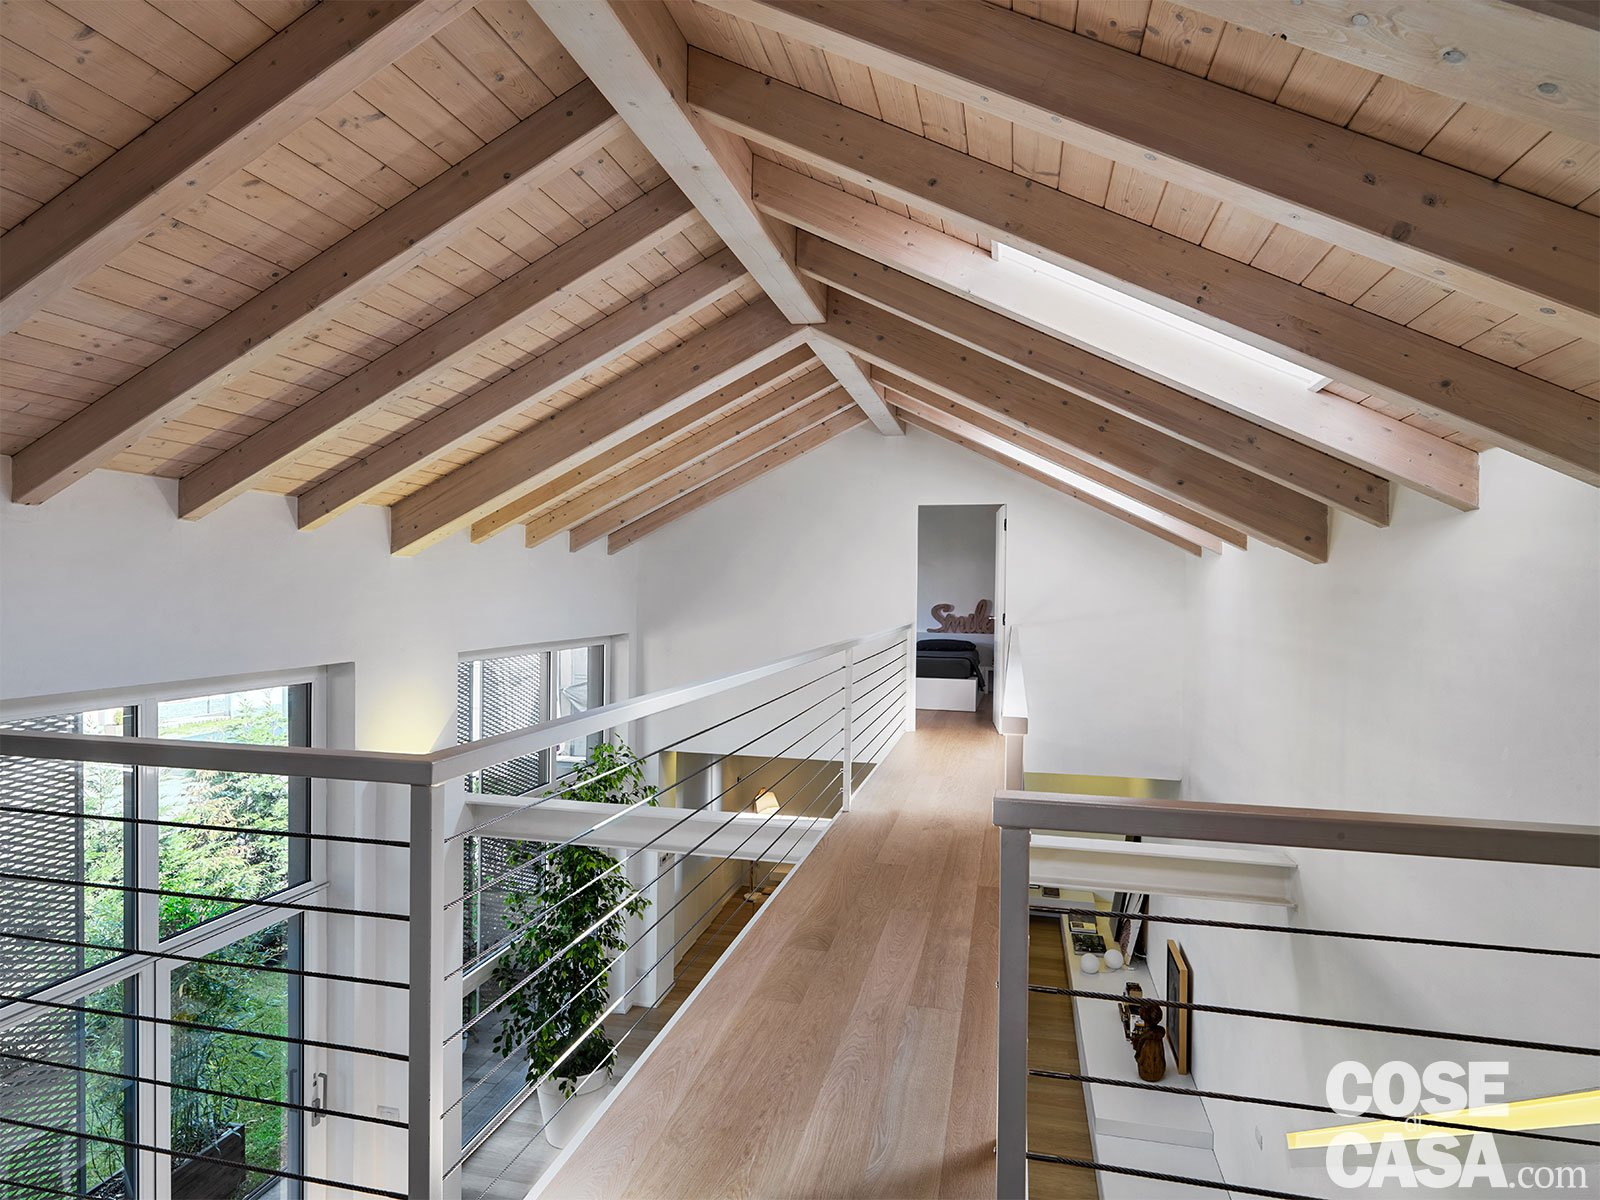 Loft una casa sottotetto a doppia altezza cose di casa for Piani casa sul tetto di bassa altezza